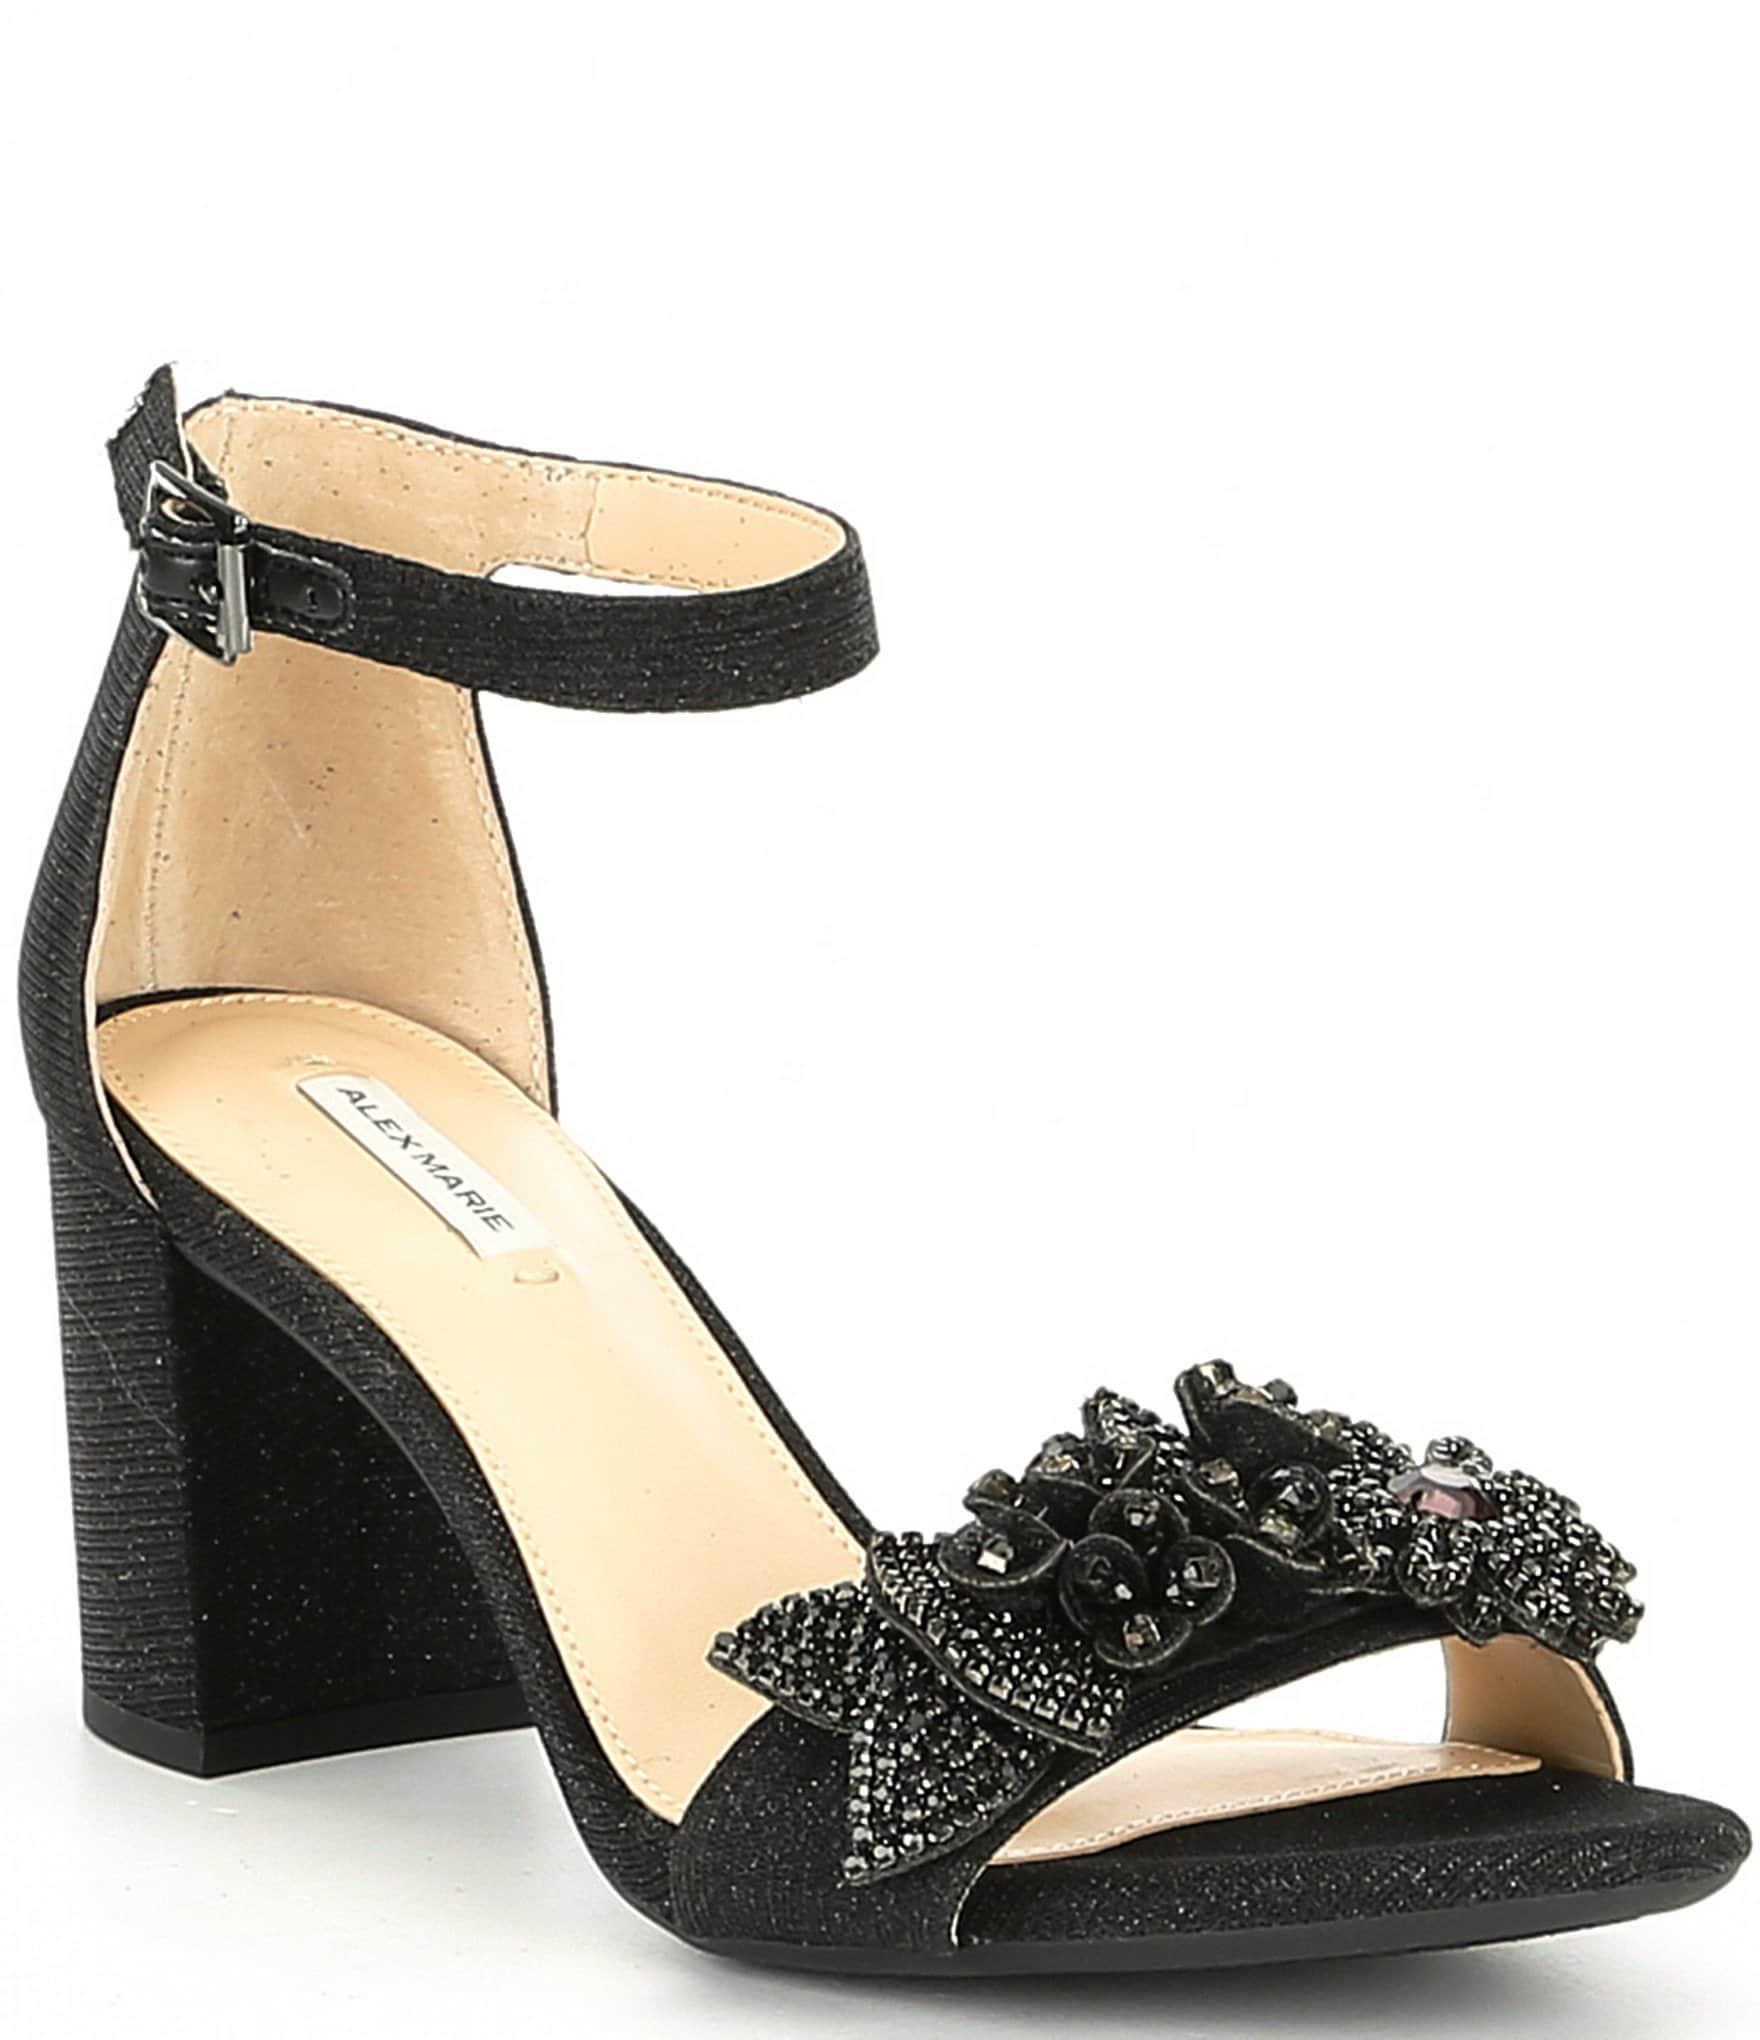 fd2608cfa69 Alex Marie Women s Shoes